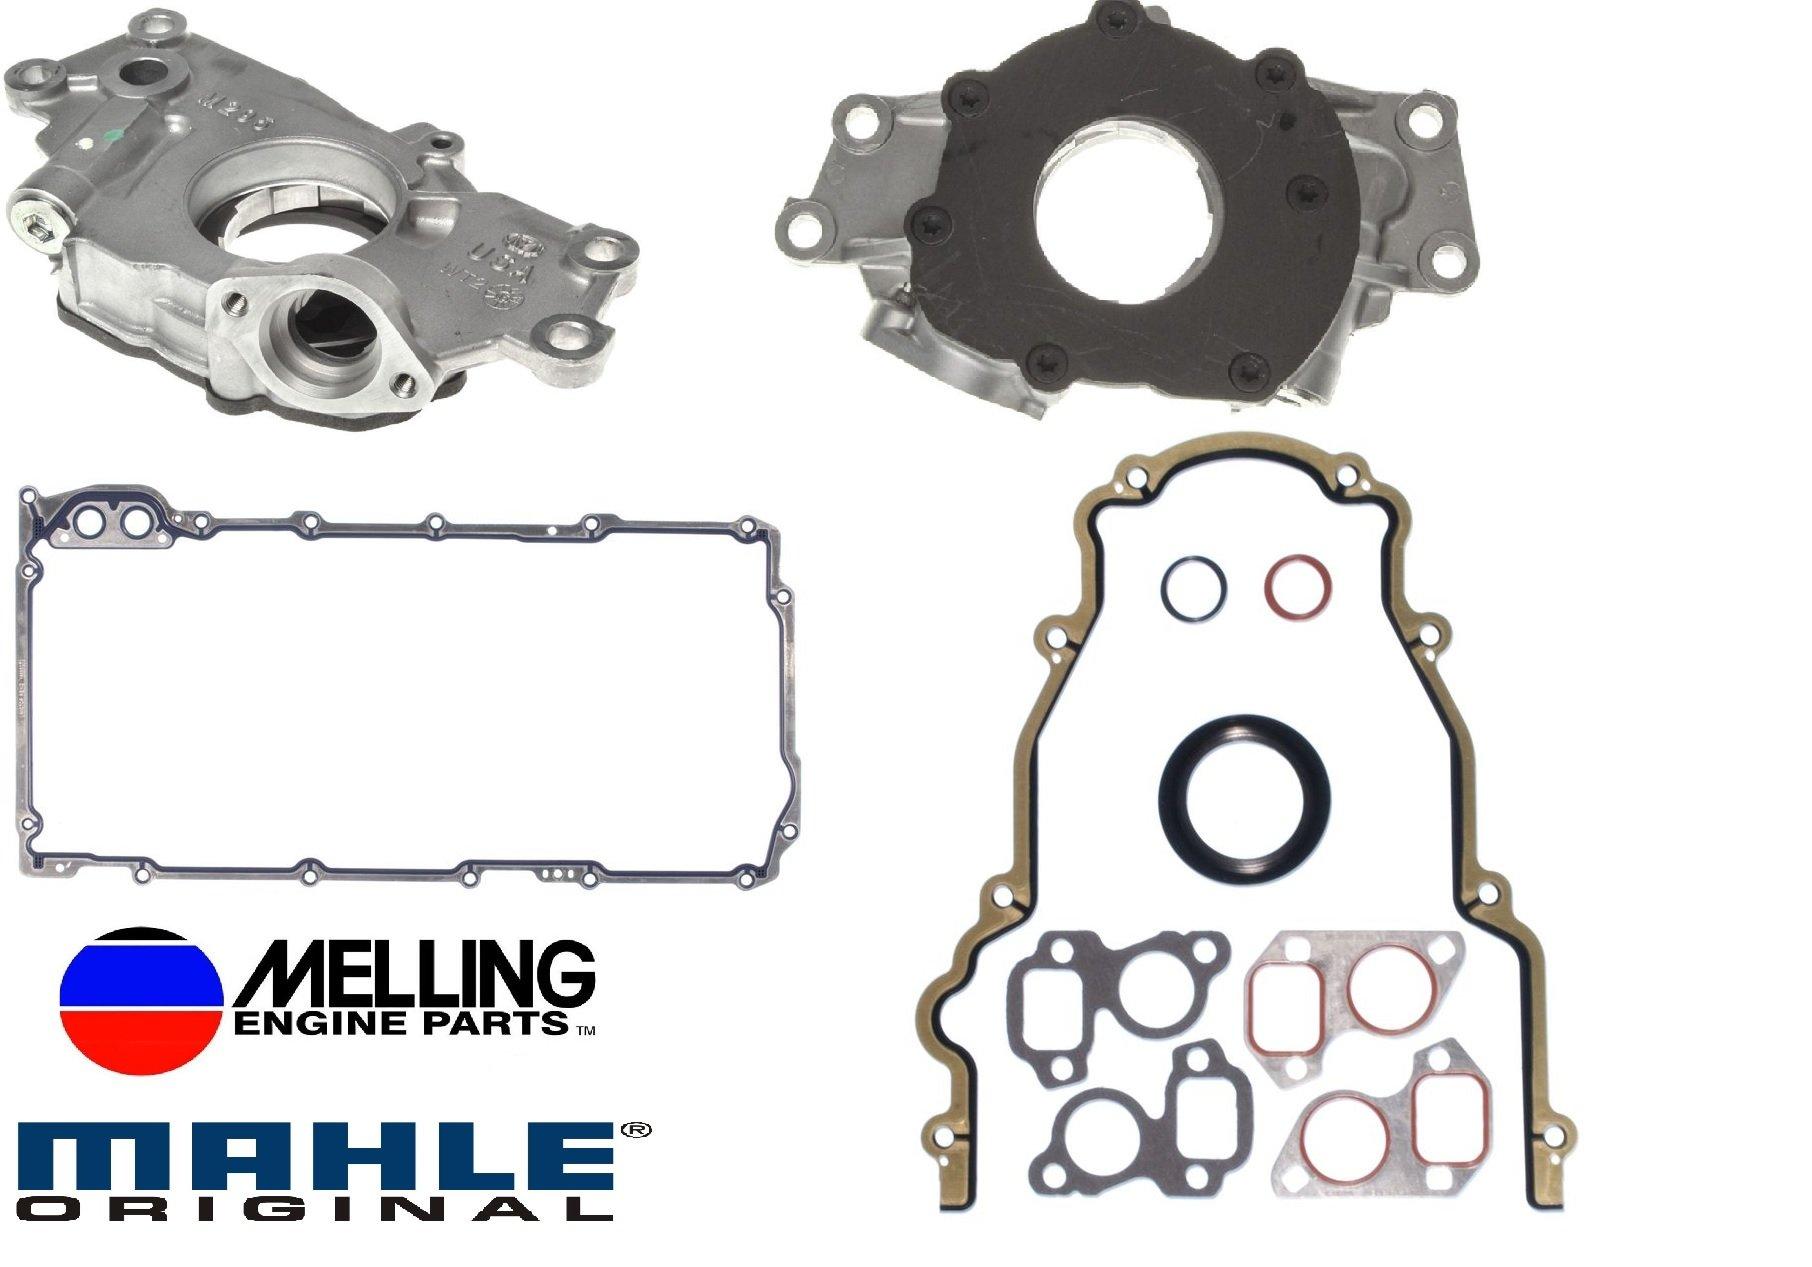 1999-2009 Chevrolet GMC 4.8L 5.3L 6.0L 325 Oil Pump & Replacement Gaskets (Oil Pump Change Kit)